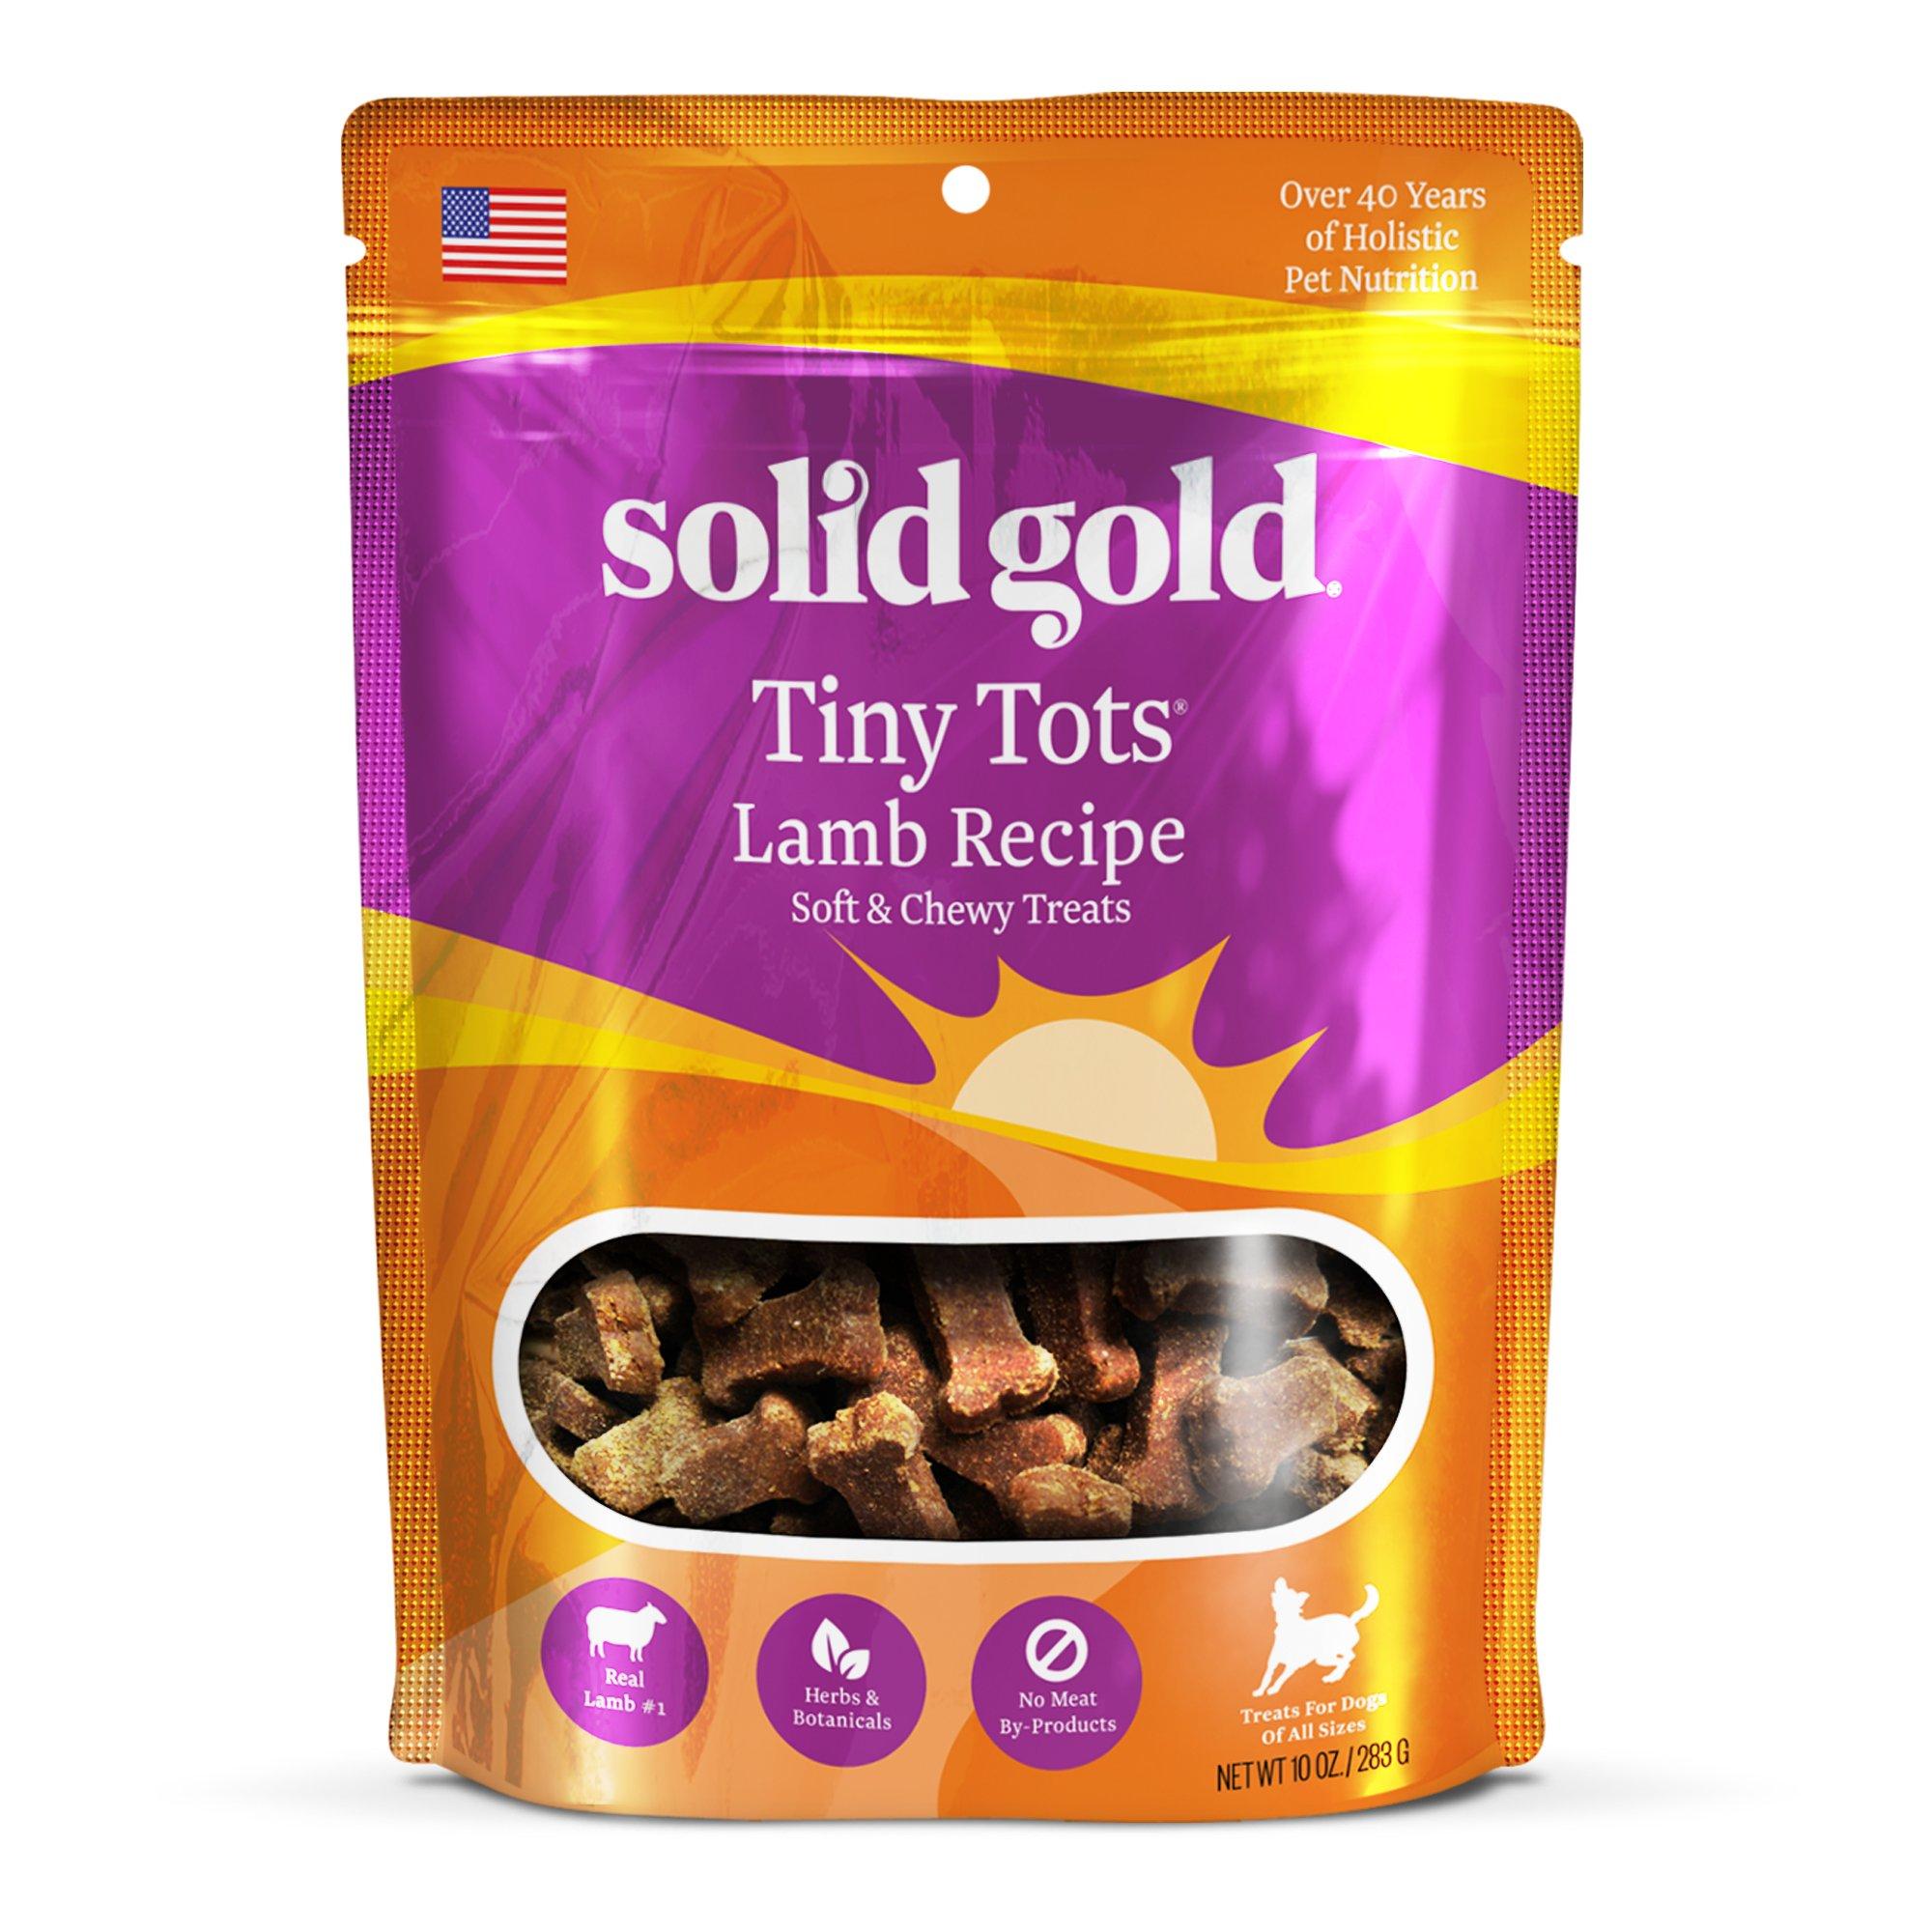 Solid Gold Tiny Tots Jerky Small Dog Treats